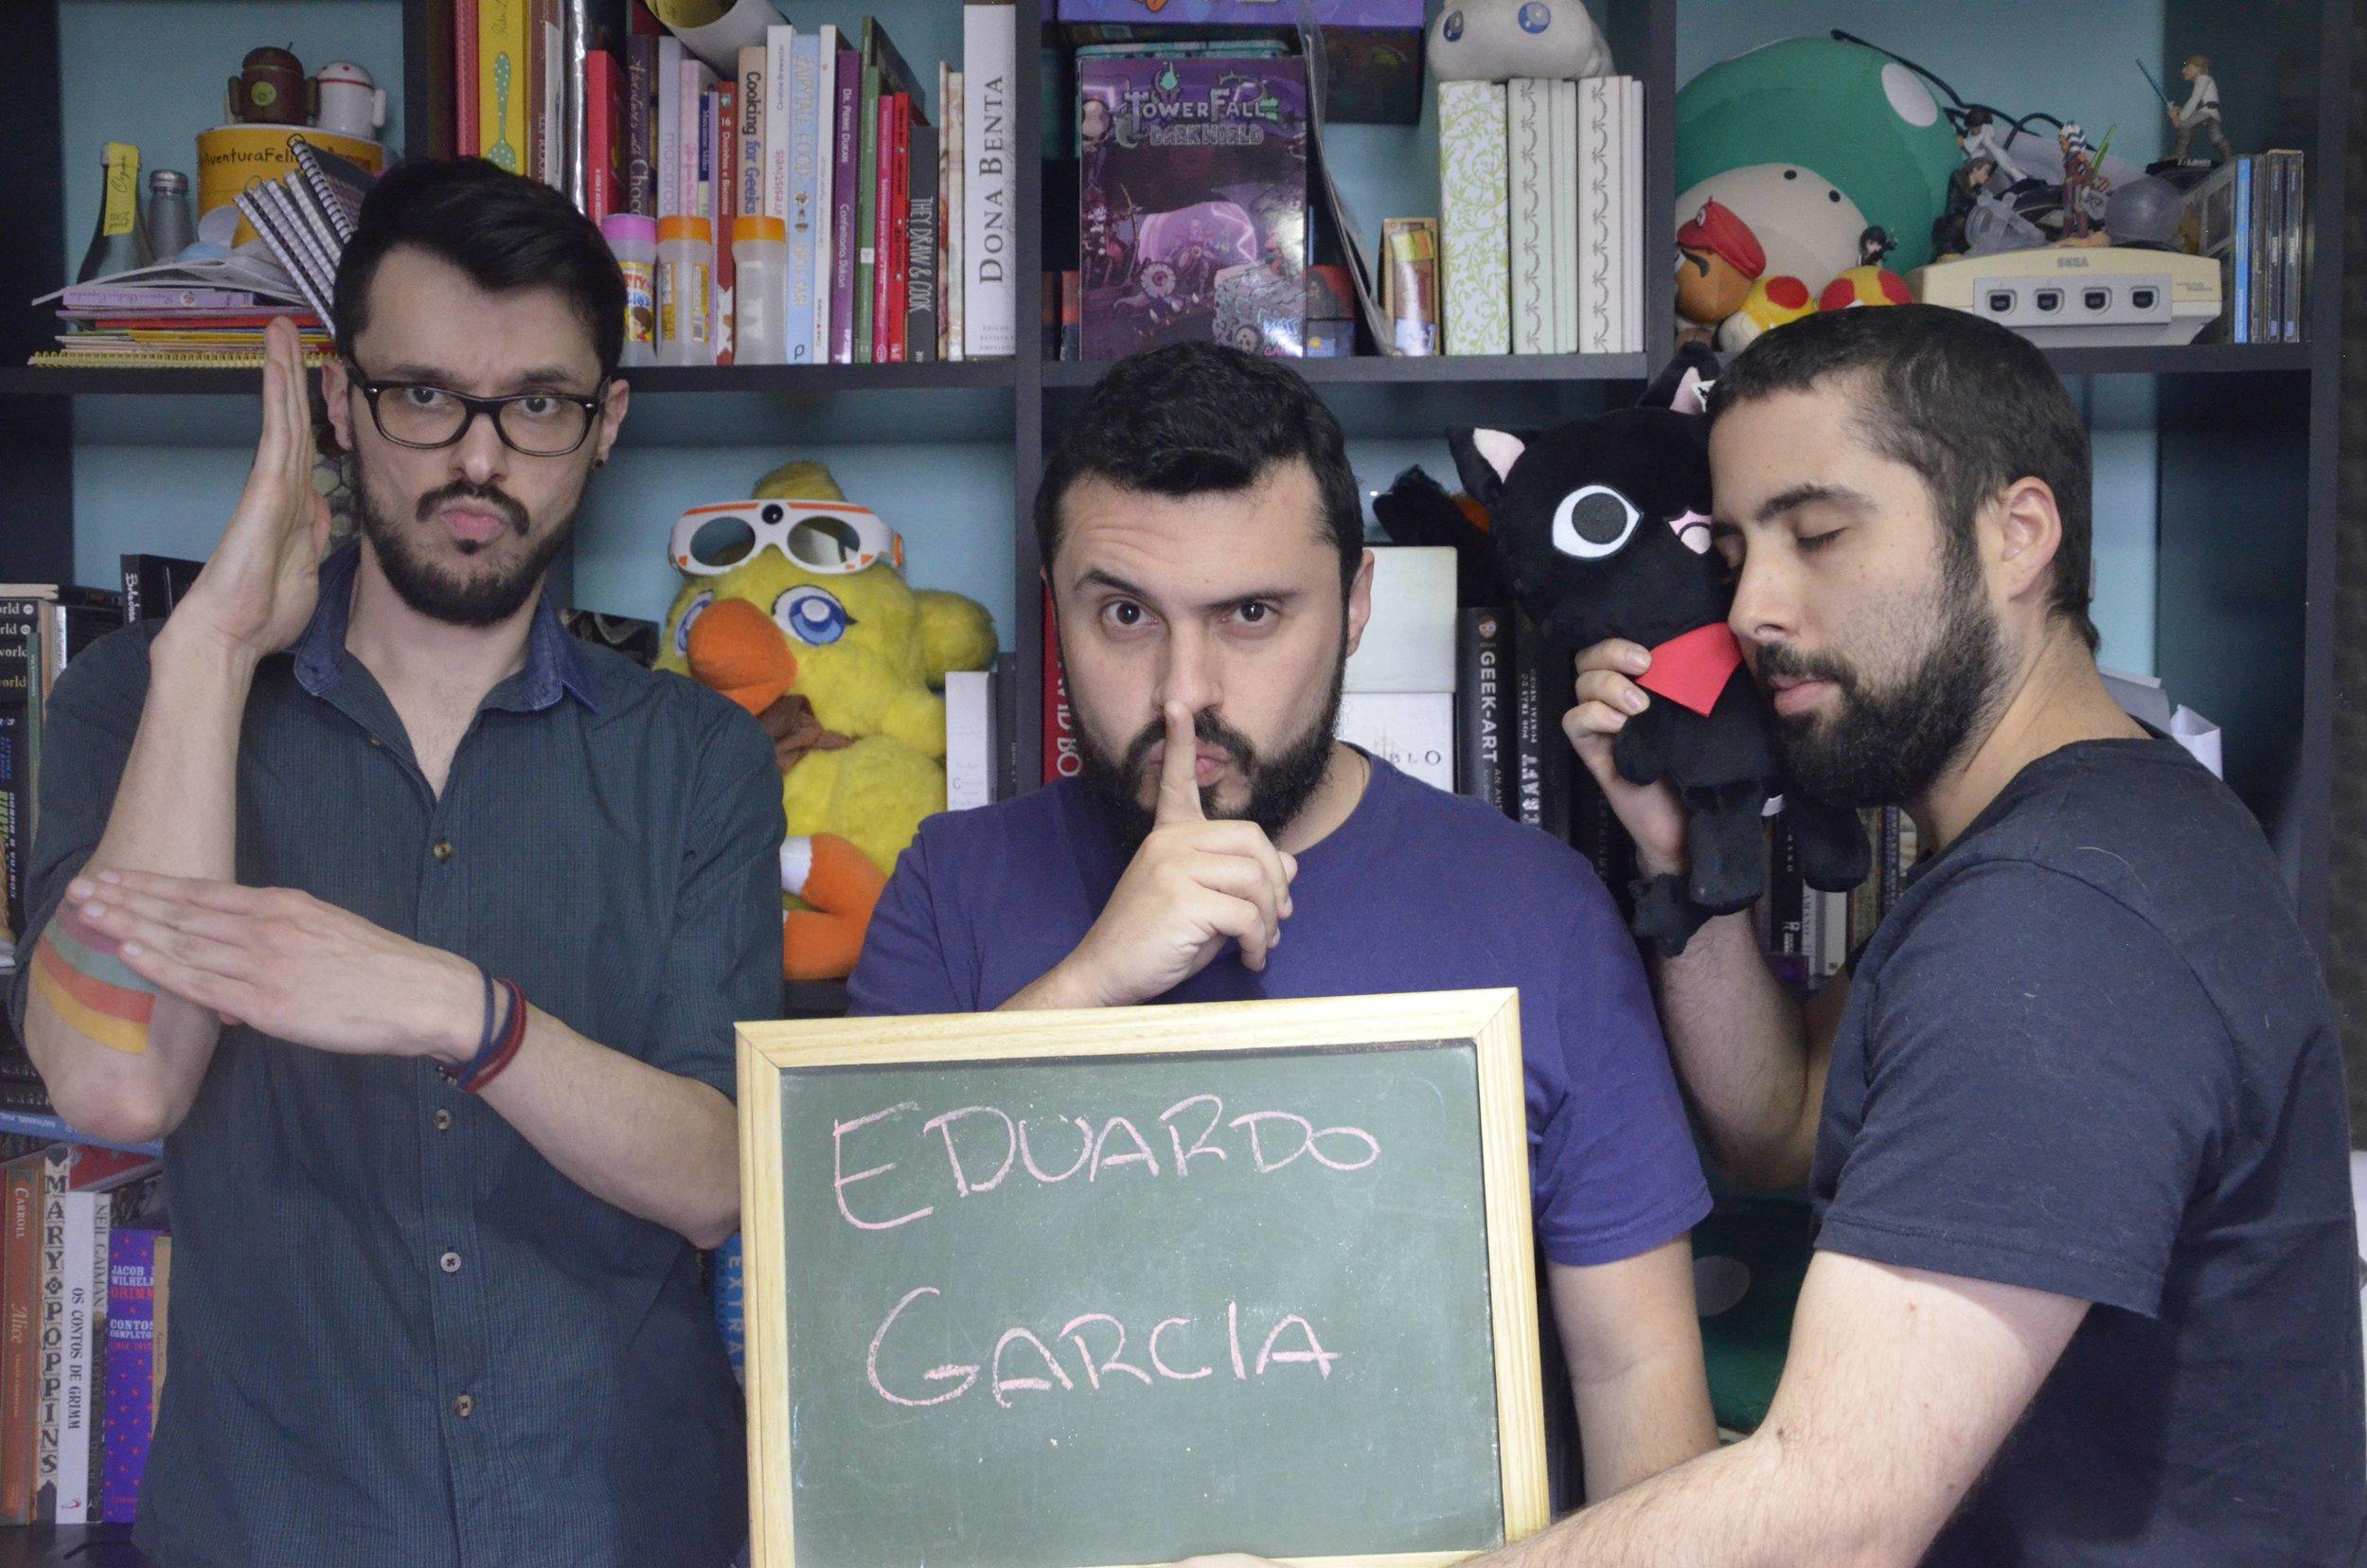 Eduardo-Garcia.jpg